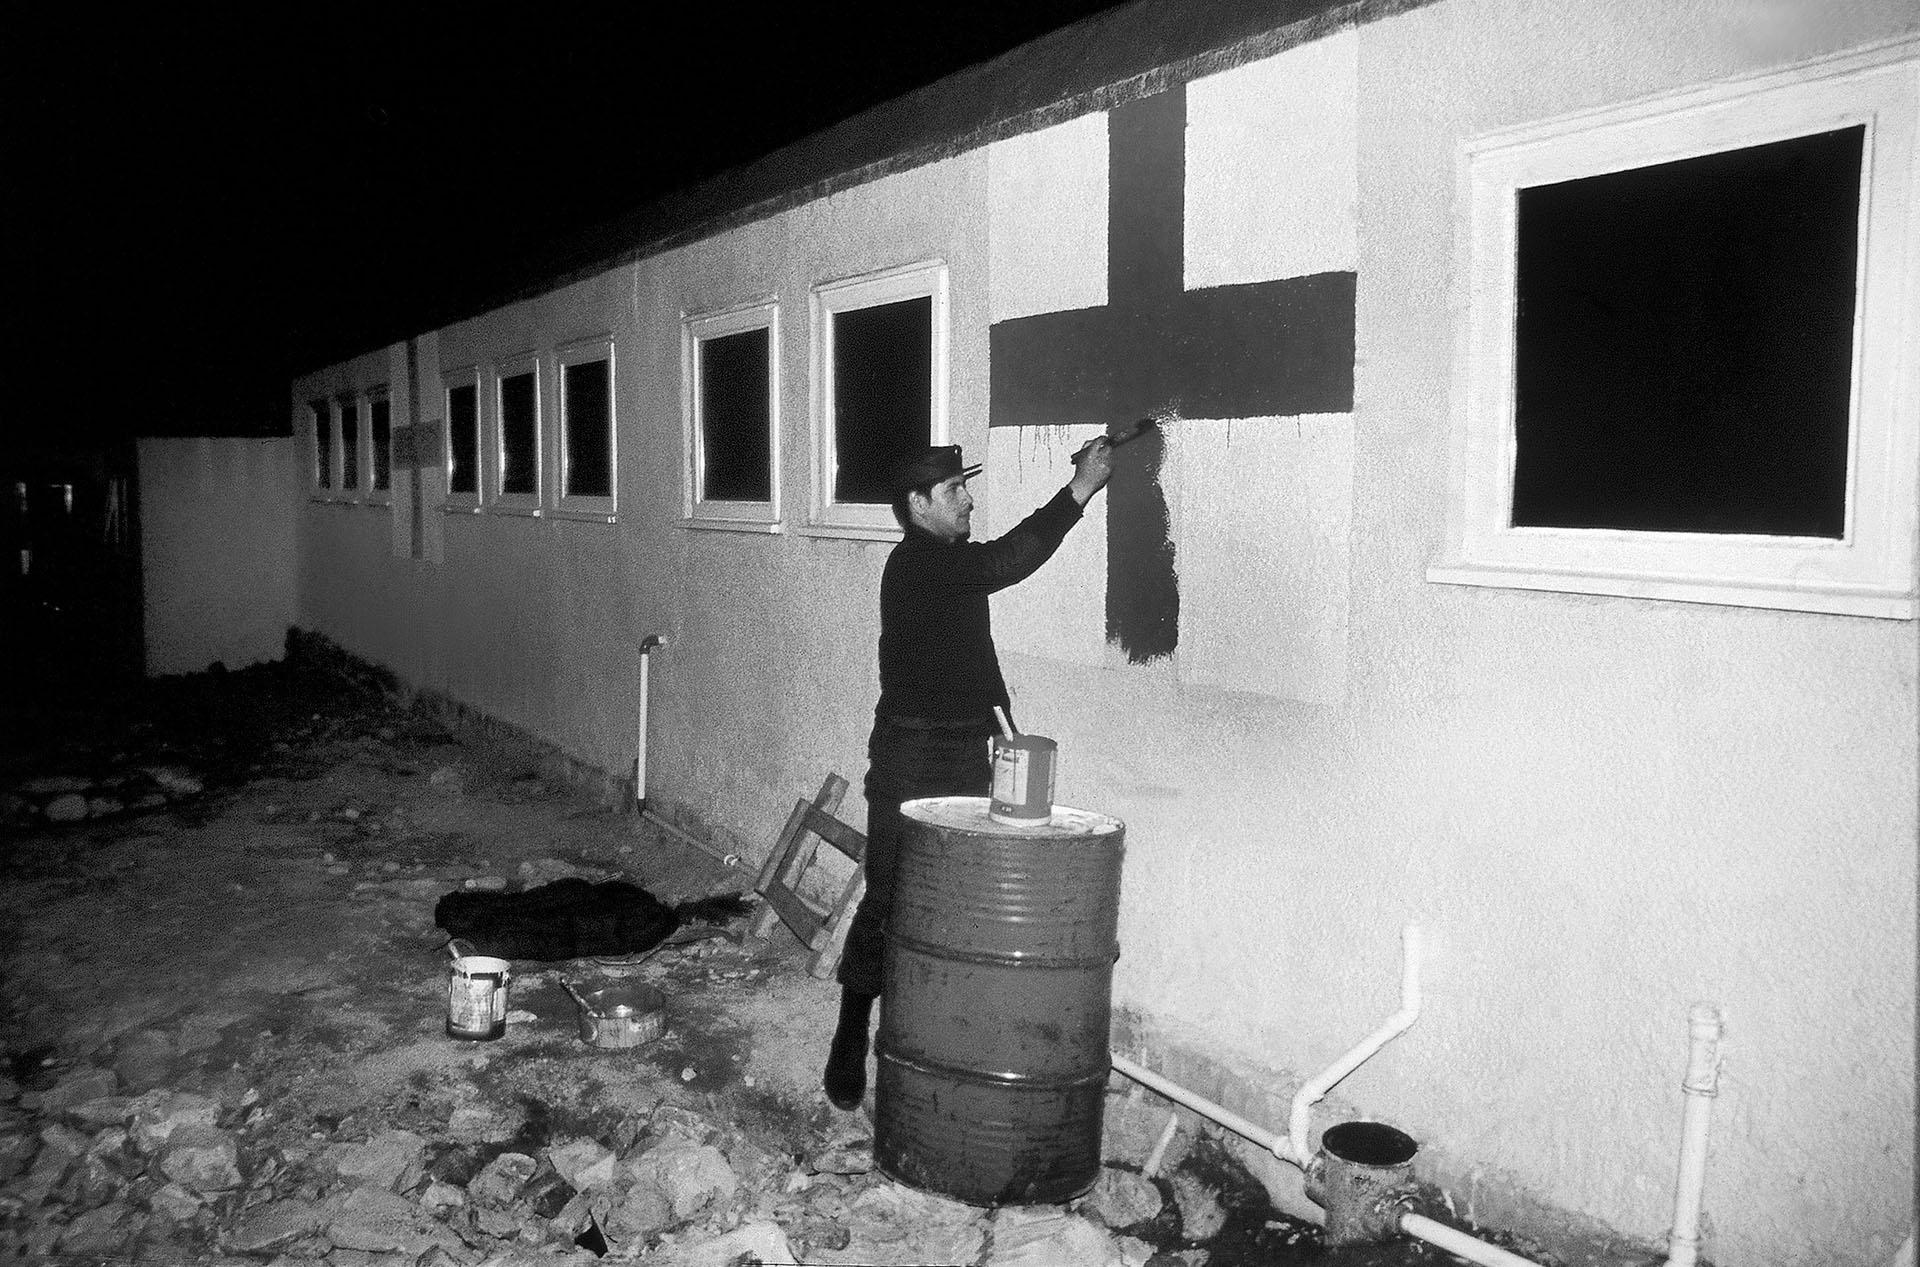 Los últimos retoques para el lugar donde serán atendidos los heridos en combate. Médicos y enfermeras cumplirán una tarea sin descansos y contra reloj (Foto: Eduardo Farré).